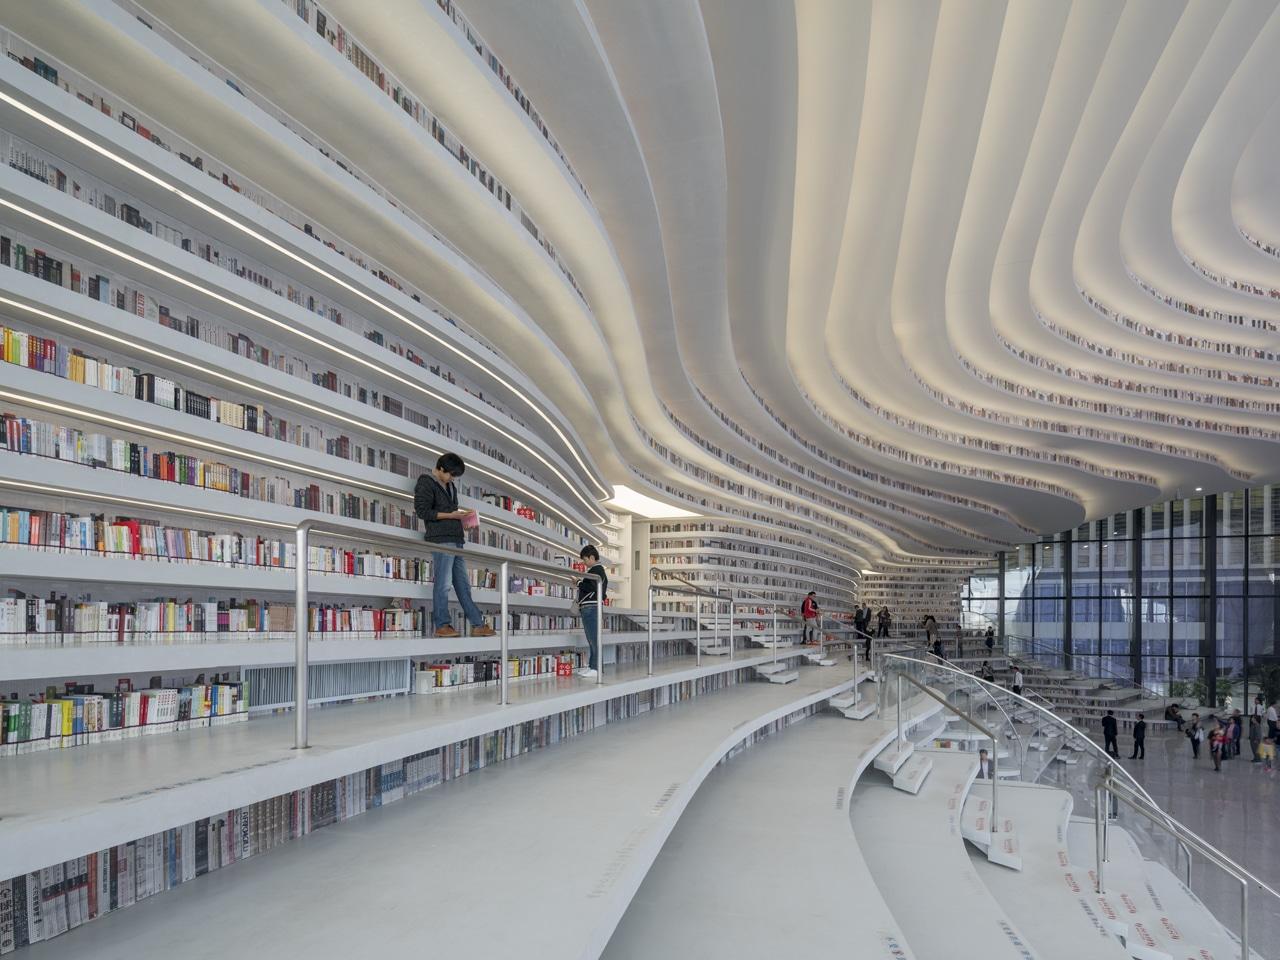 28b_library mvrdv tianjin_Tianjin_Library_∏kiiwan